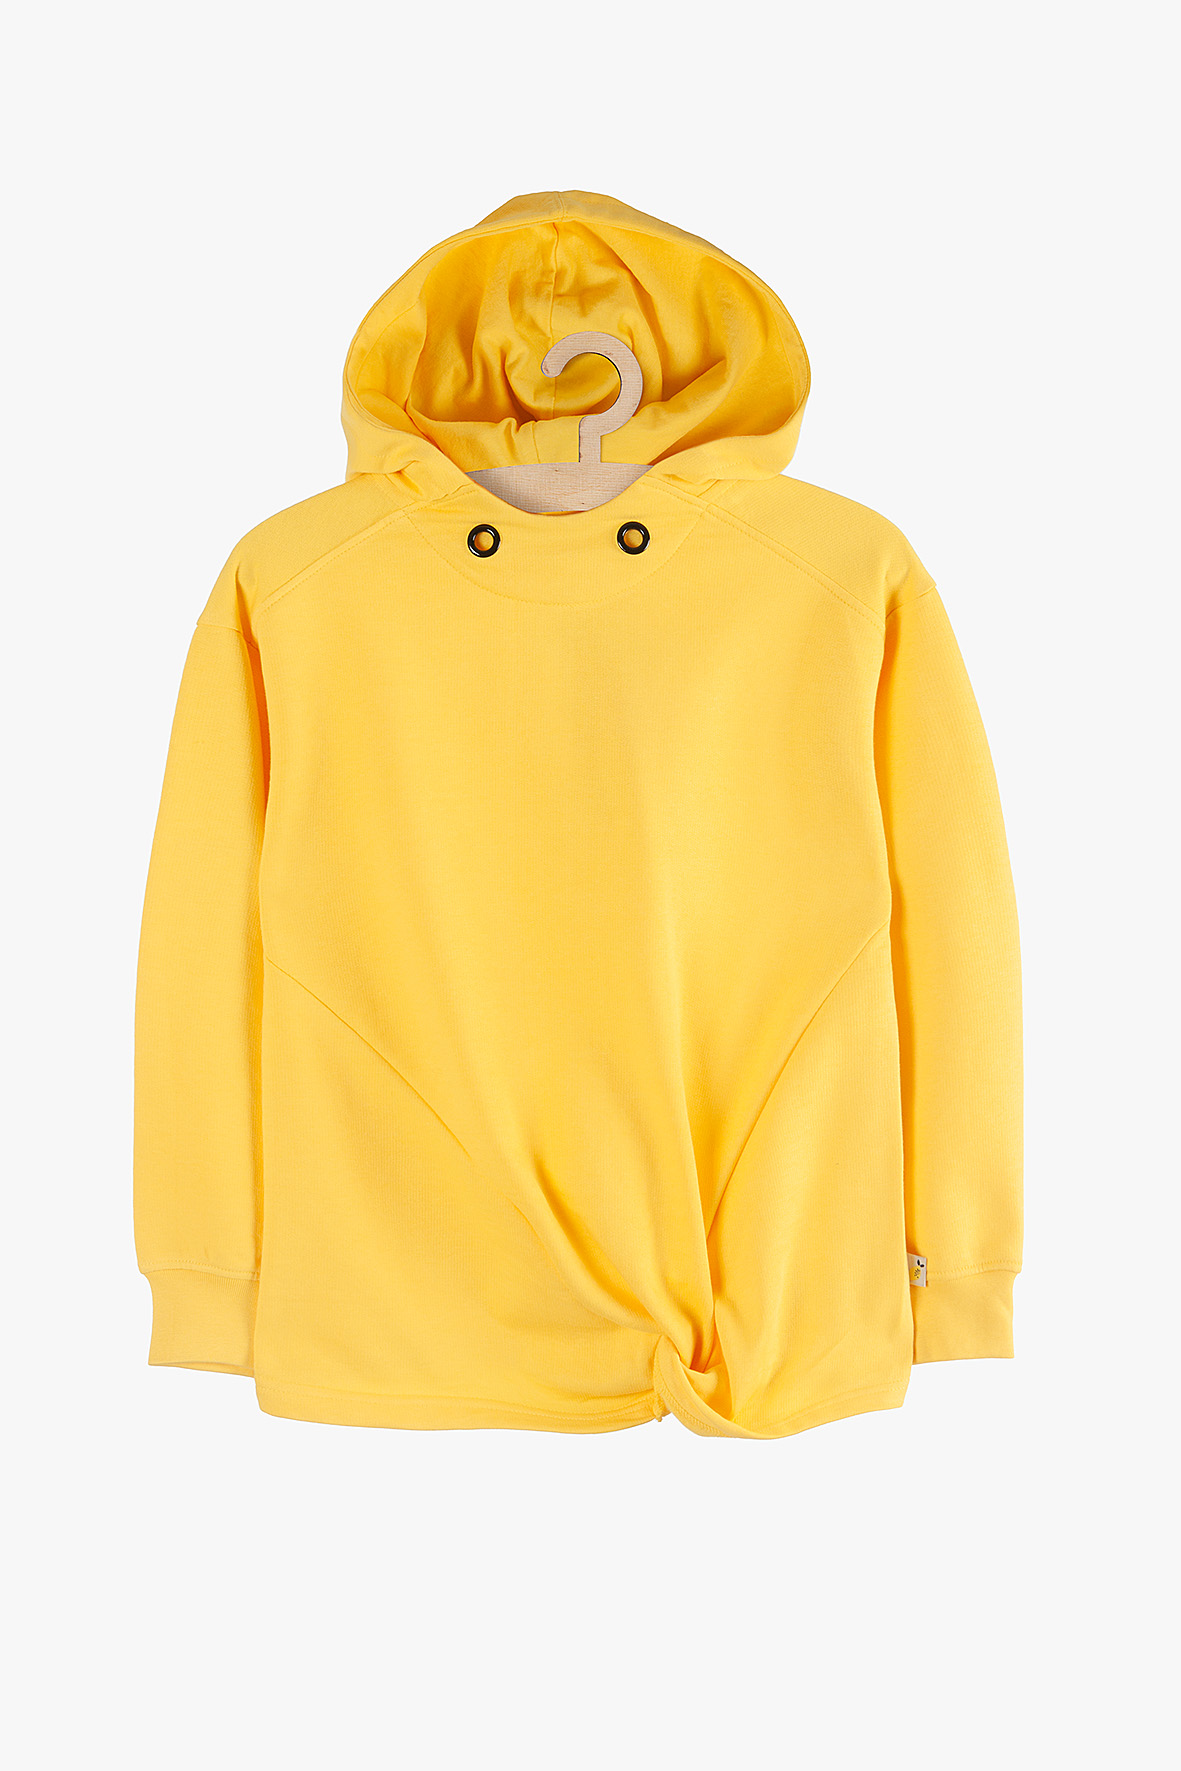 Bluza dziewczęca żółta 4F3801